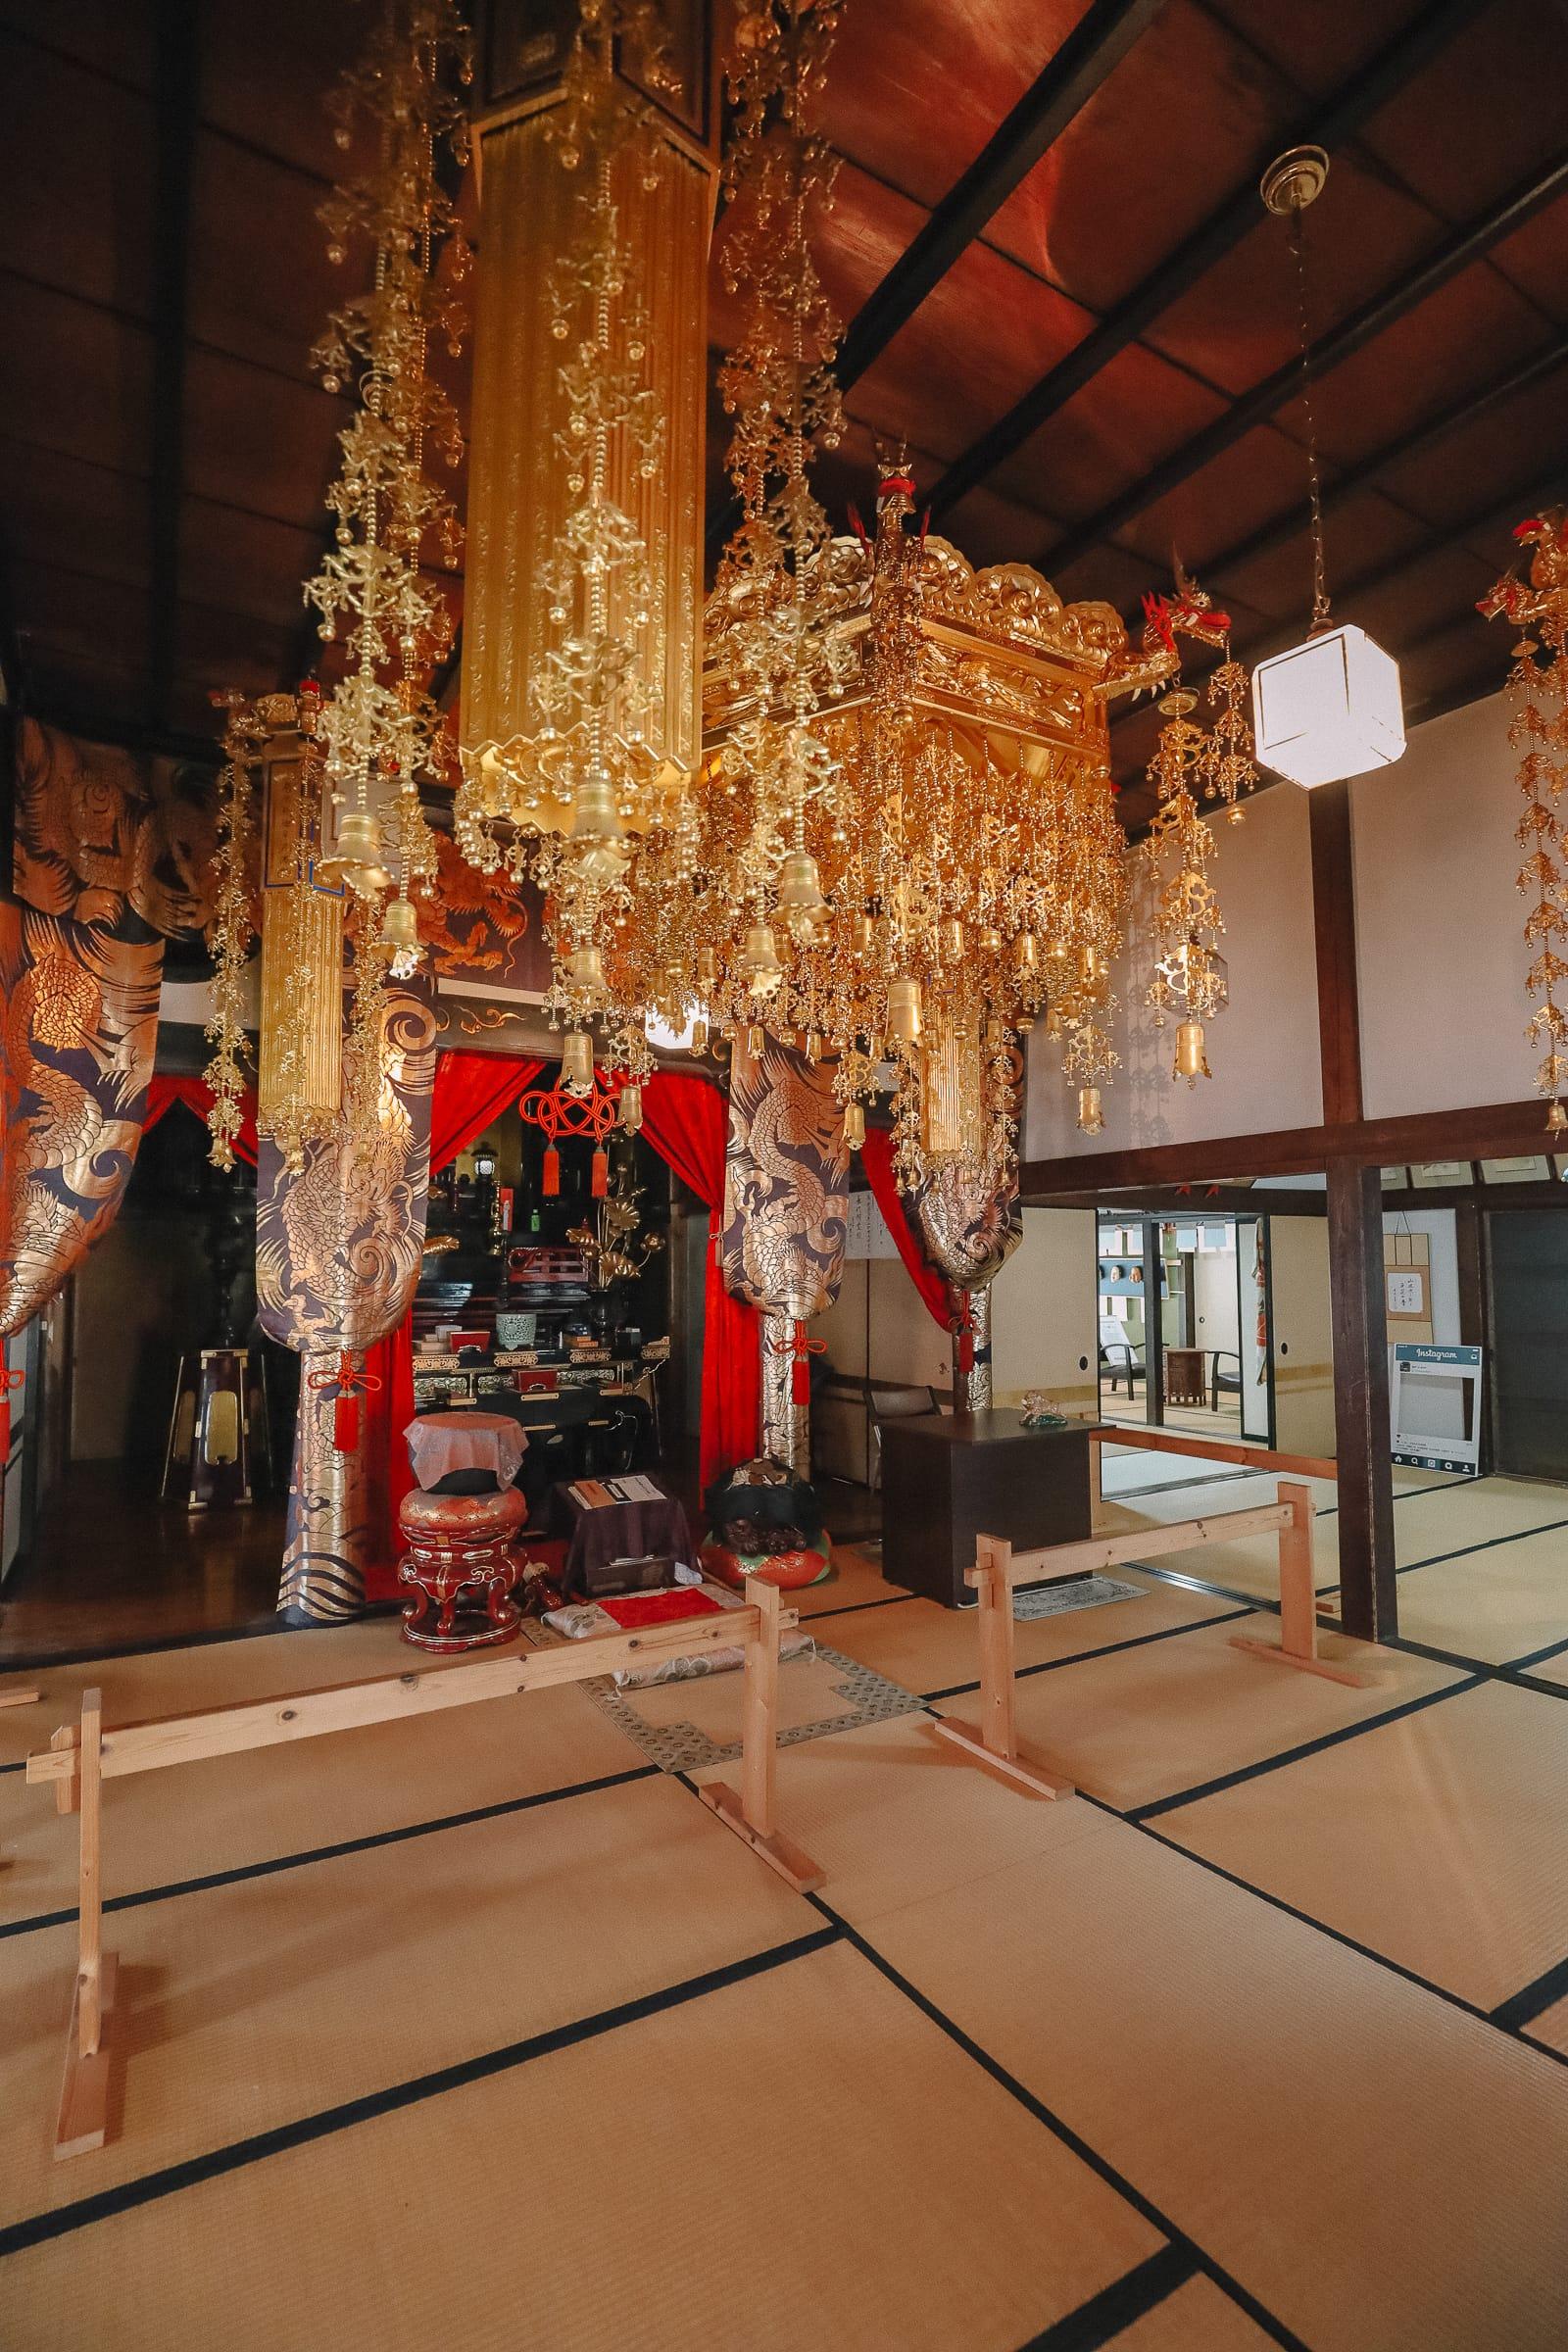 Visiting The Geisha District And Kaiseki Dining In Kanazawa - Japan (10)